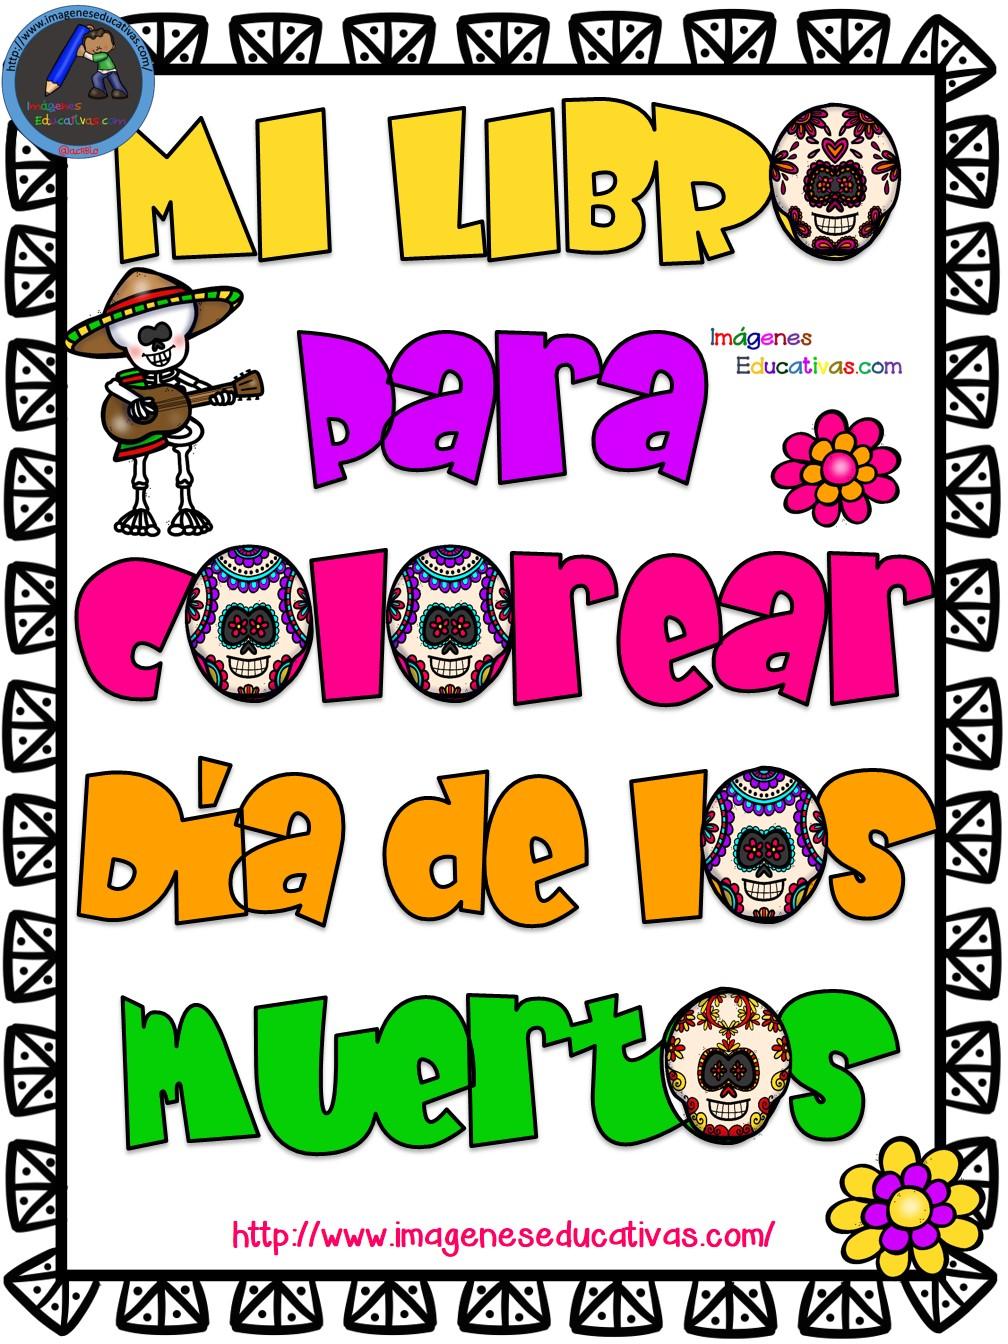 Mi libro para colorear dia de los muertos (1) - Imagenes Educativas